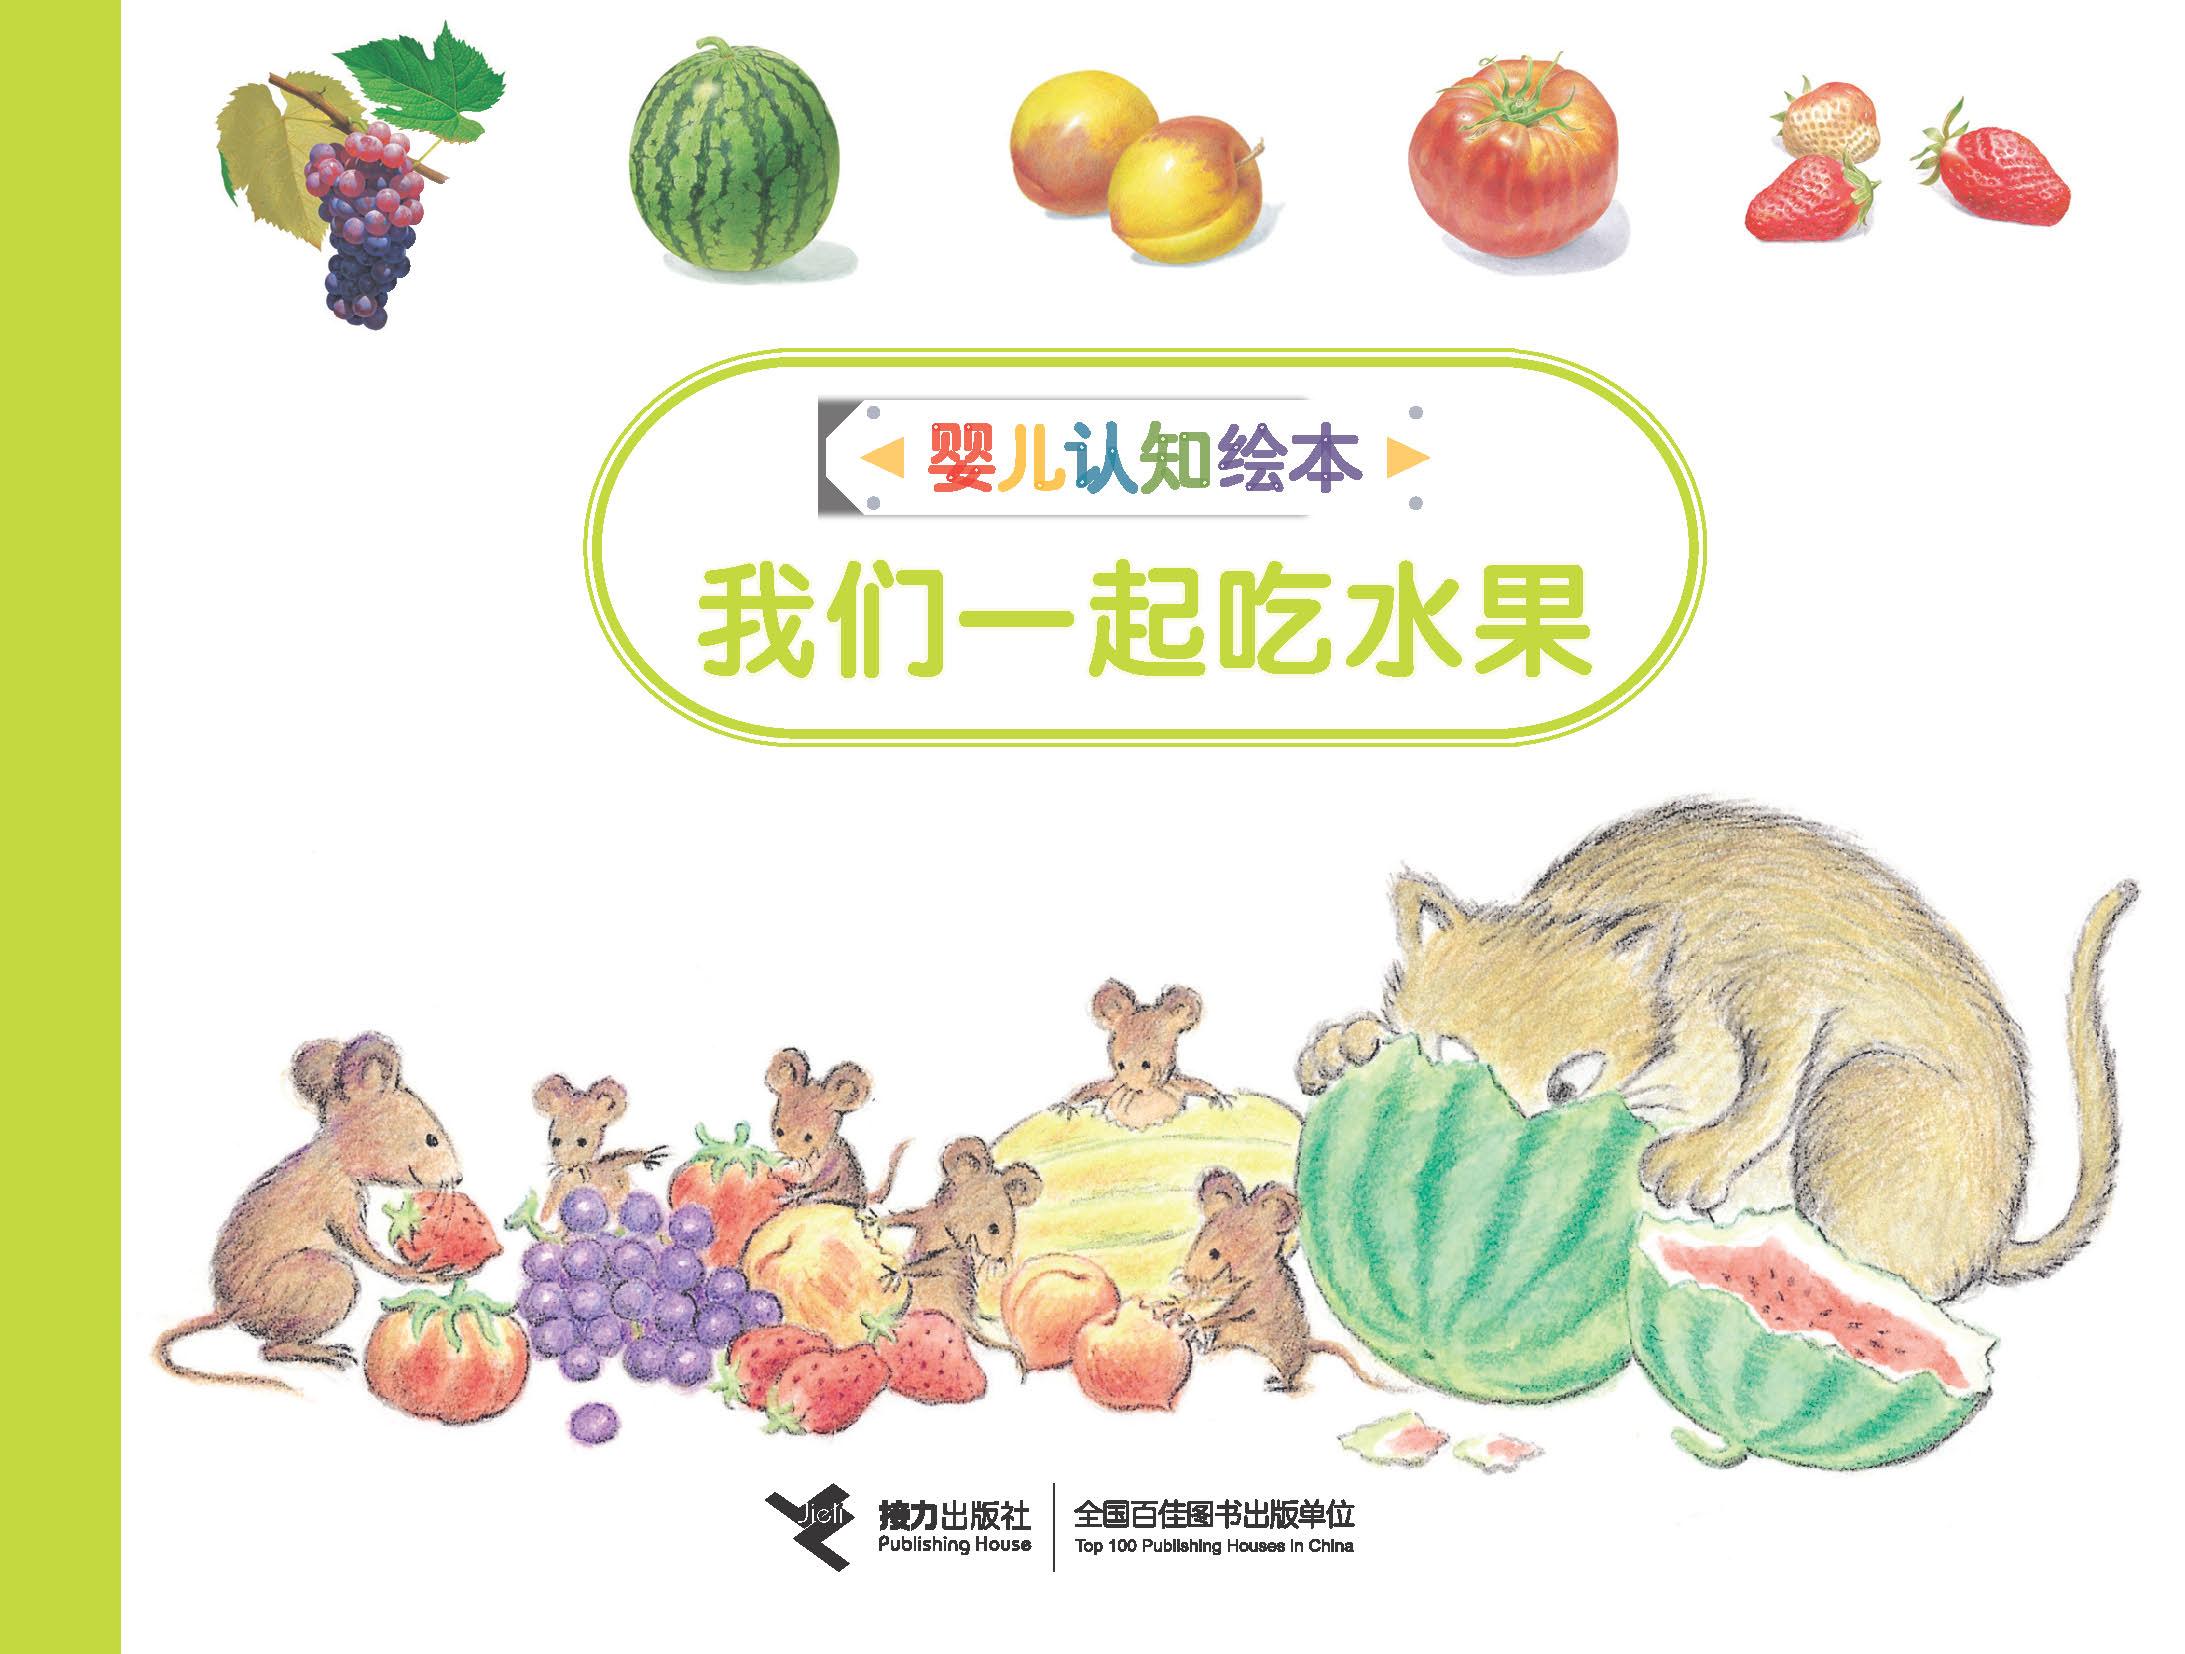 我们一起吃水果